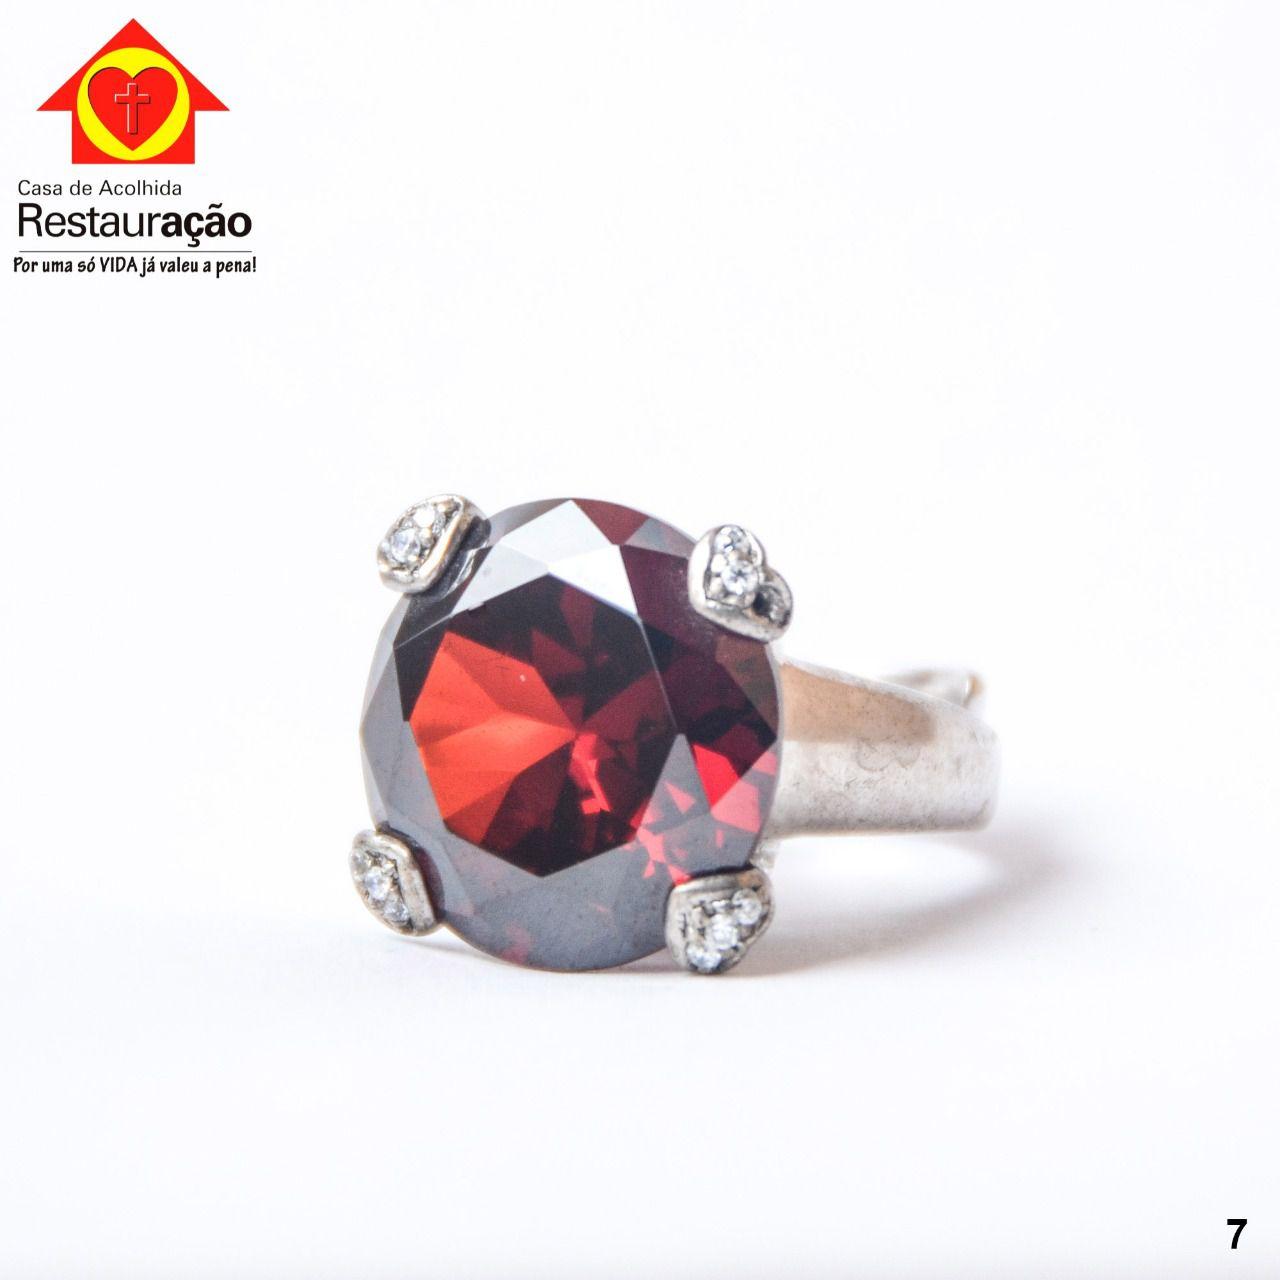 Anel Prata com Pedra Vermelha